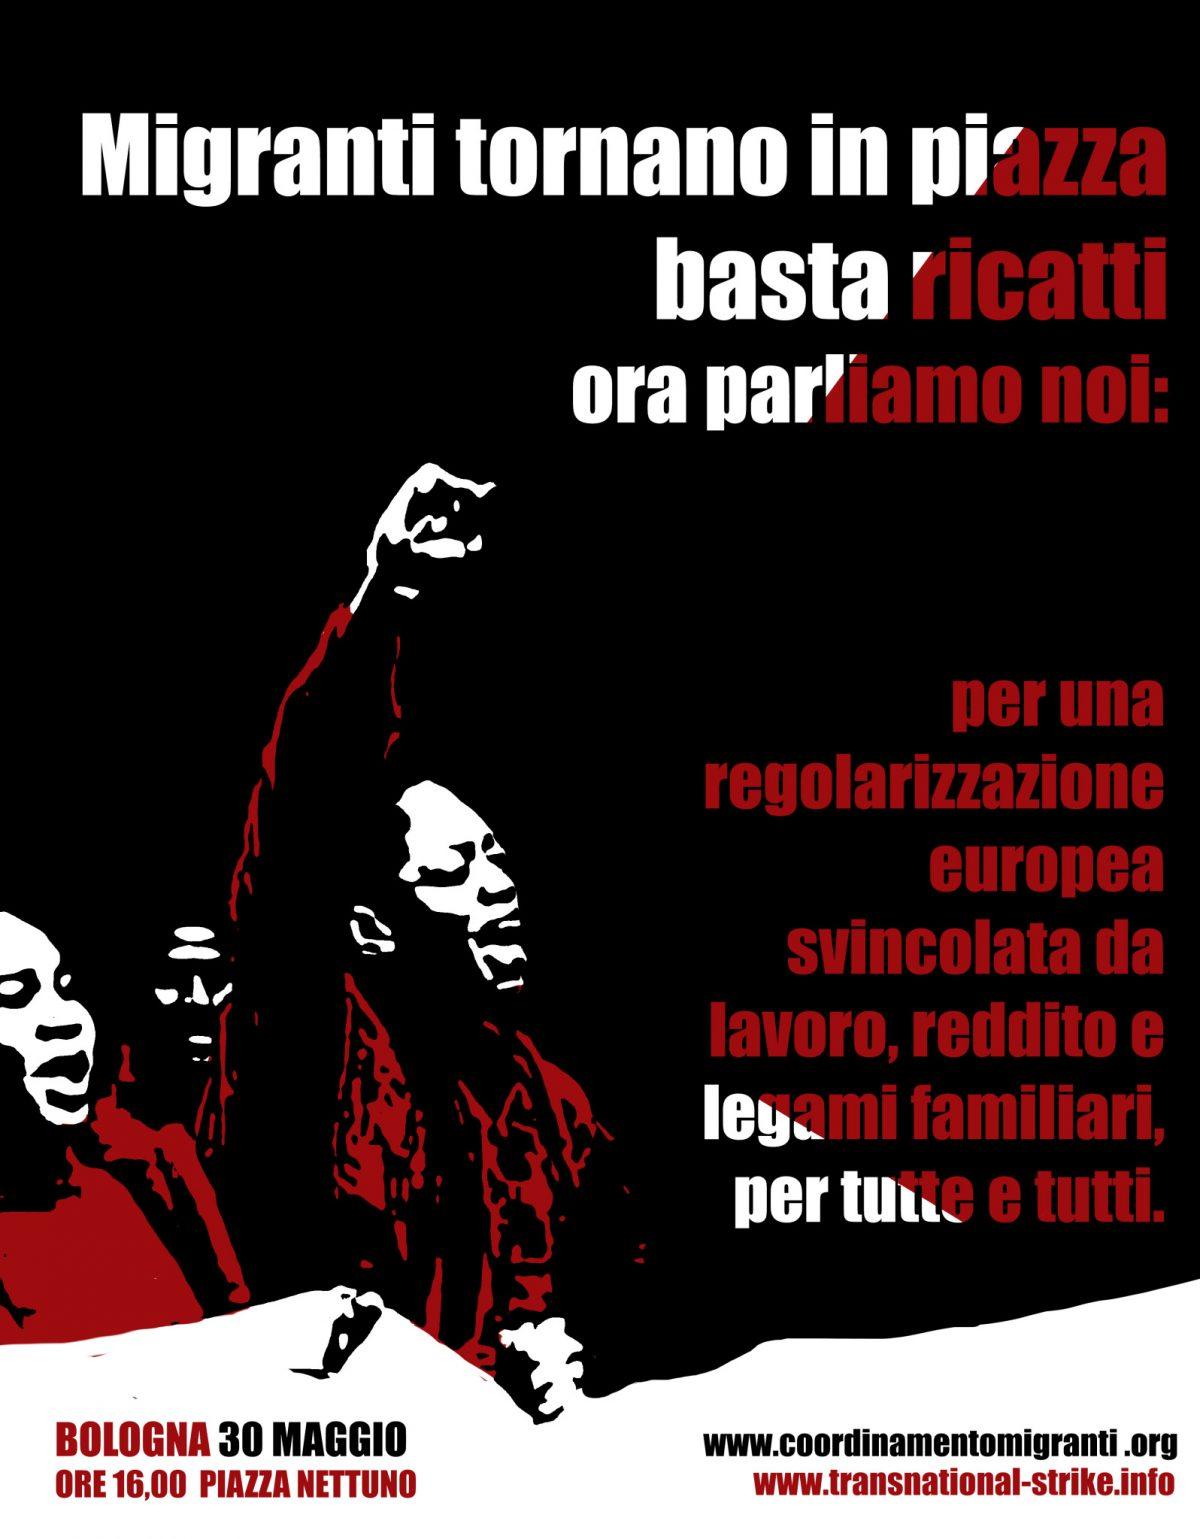 Basta razzismo, basta sfruttamento! Per la libertà di transitare tra generi e confini!